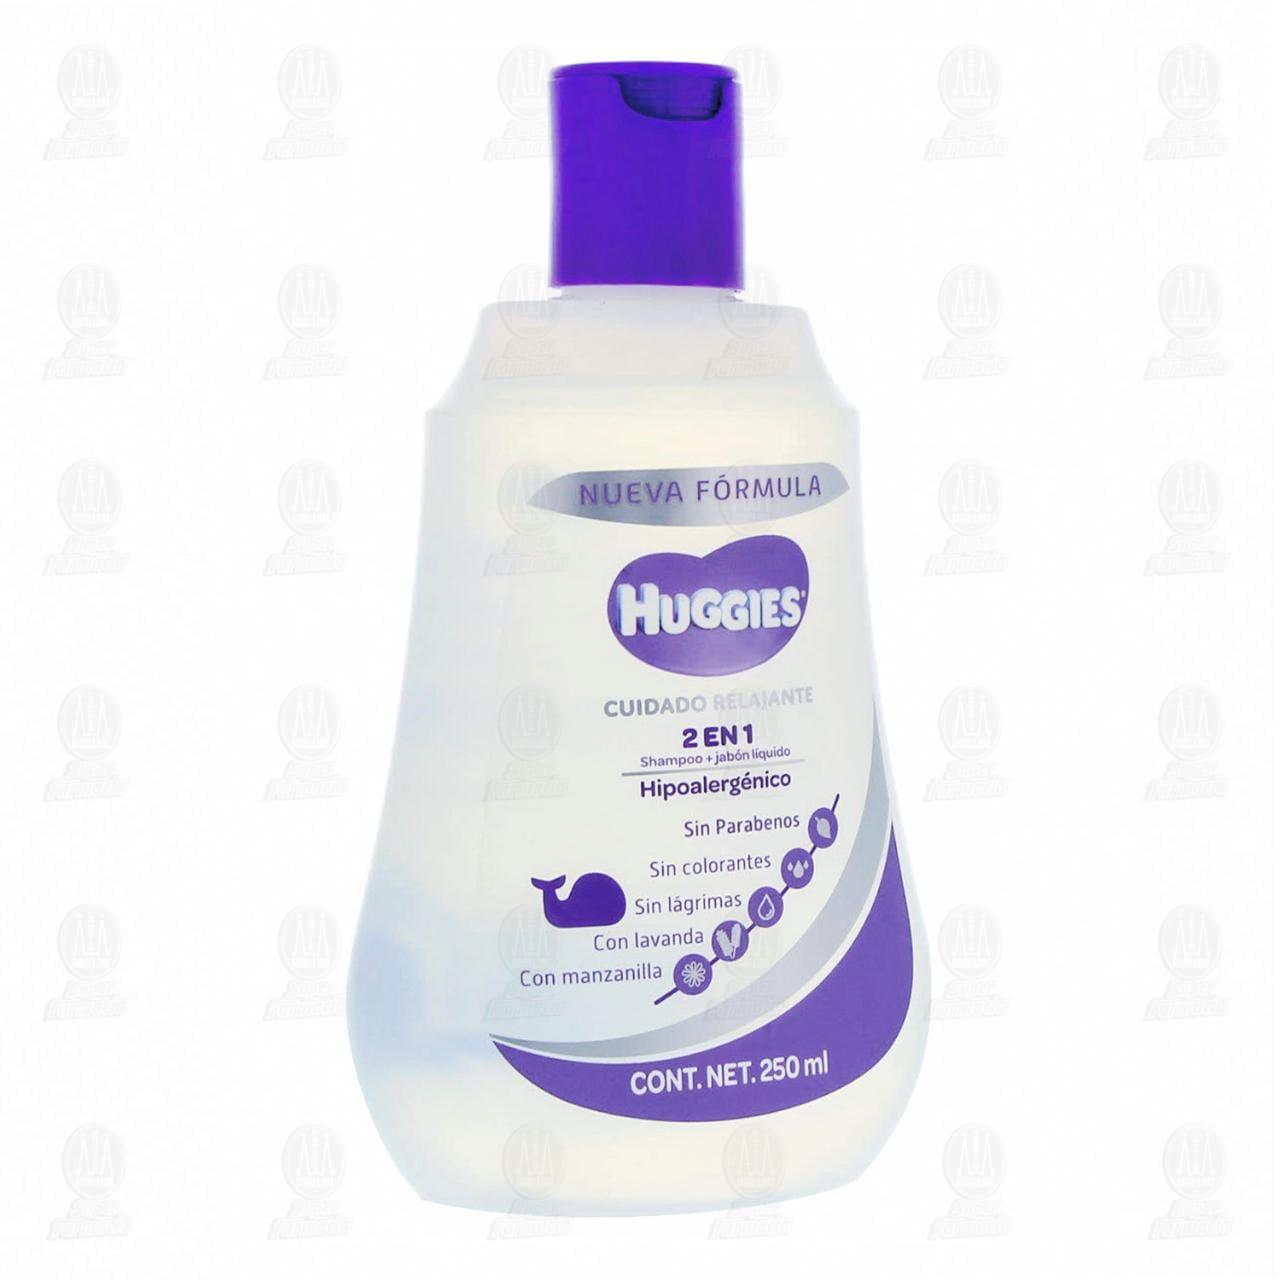 Comprar Shampoo Huggies Cuidado Relajante 2 en 1 Hipoalergénico, 250 ml. en Farmacias Guadalajara